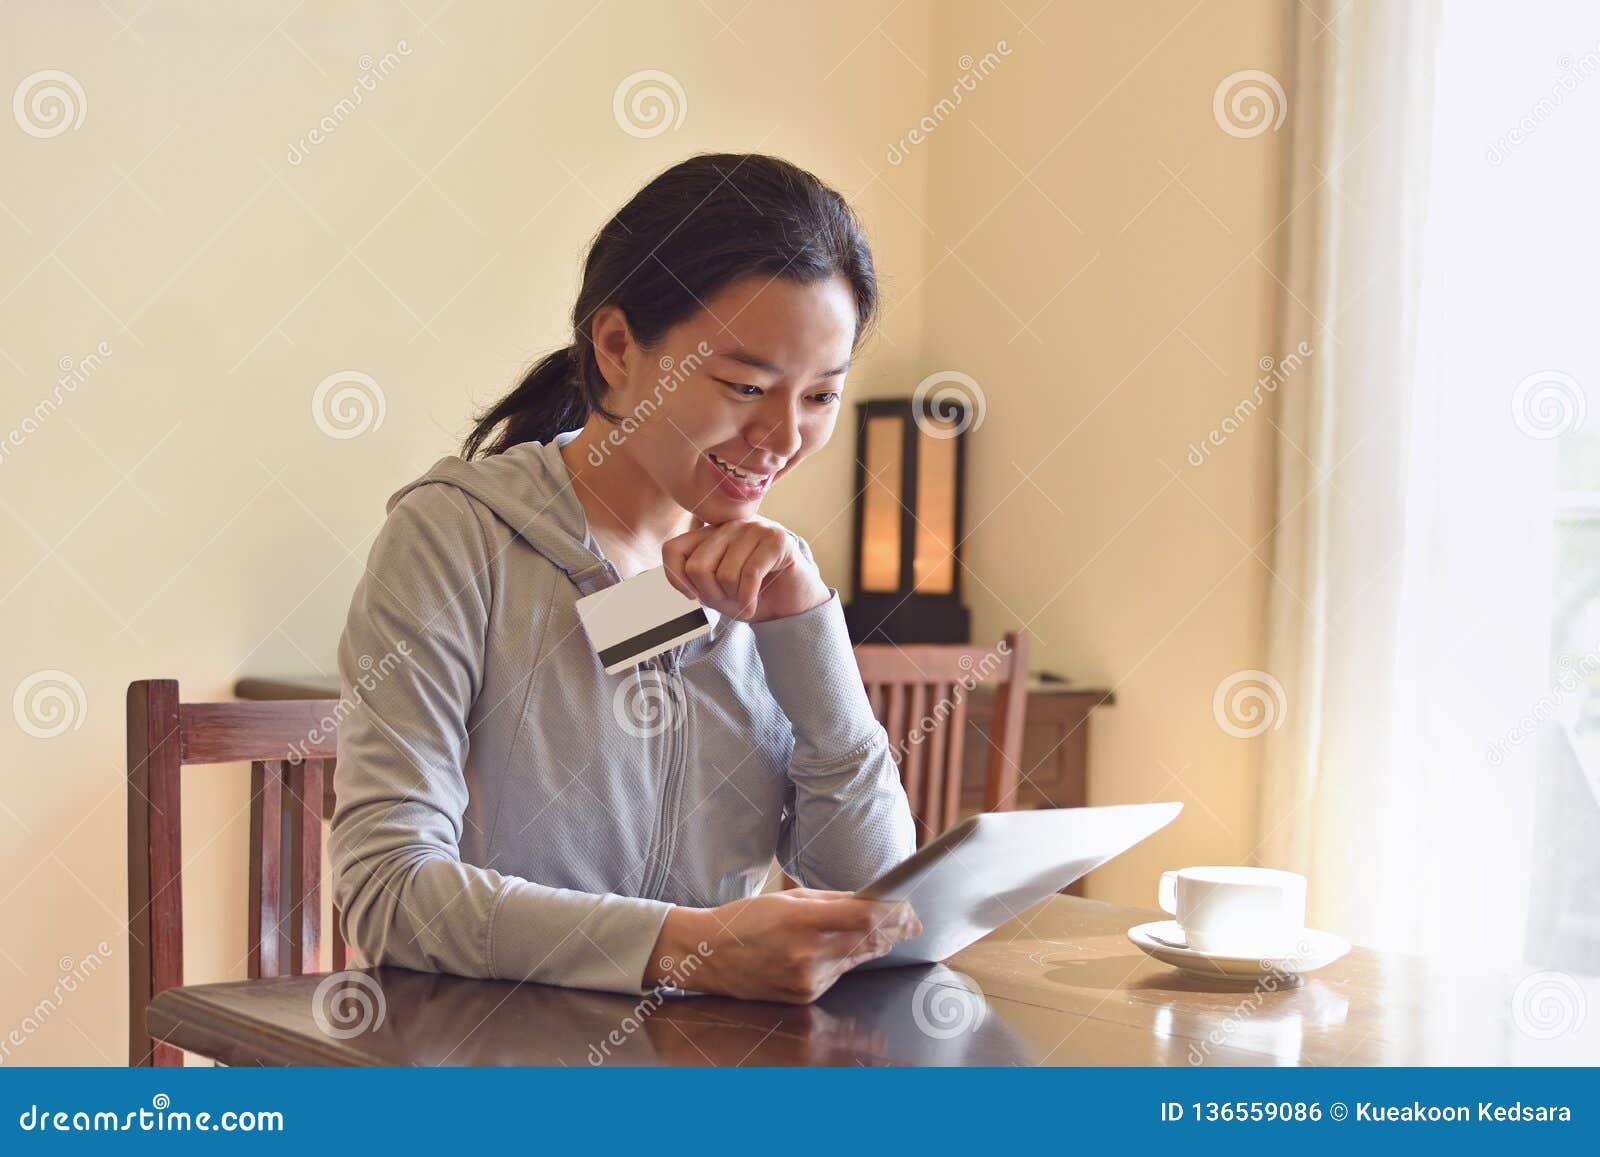 Glückliche Frau während des on-line-Einkaufens zu Hause